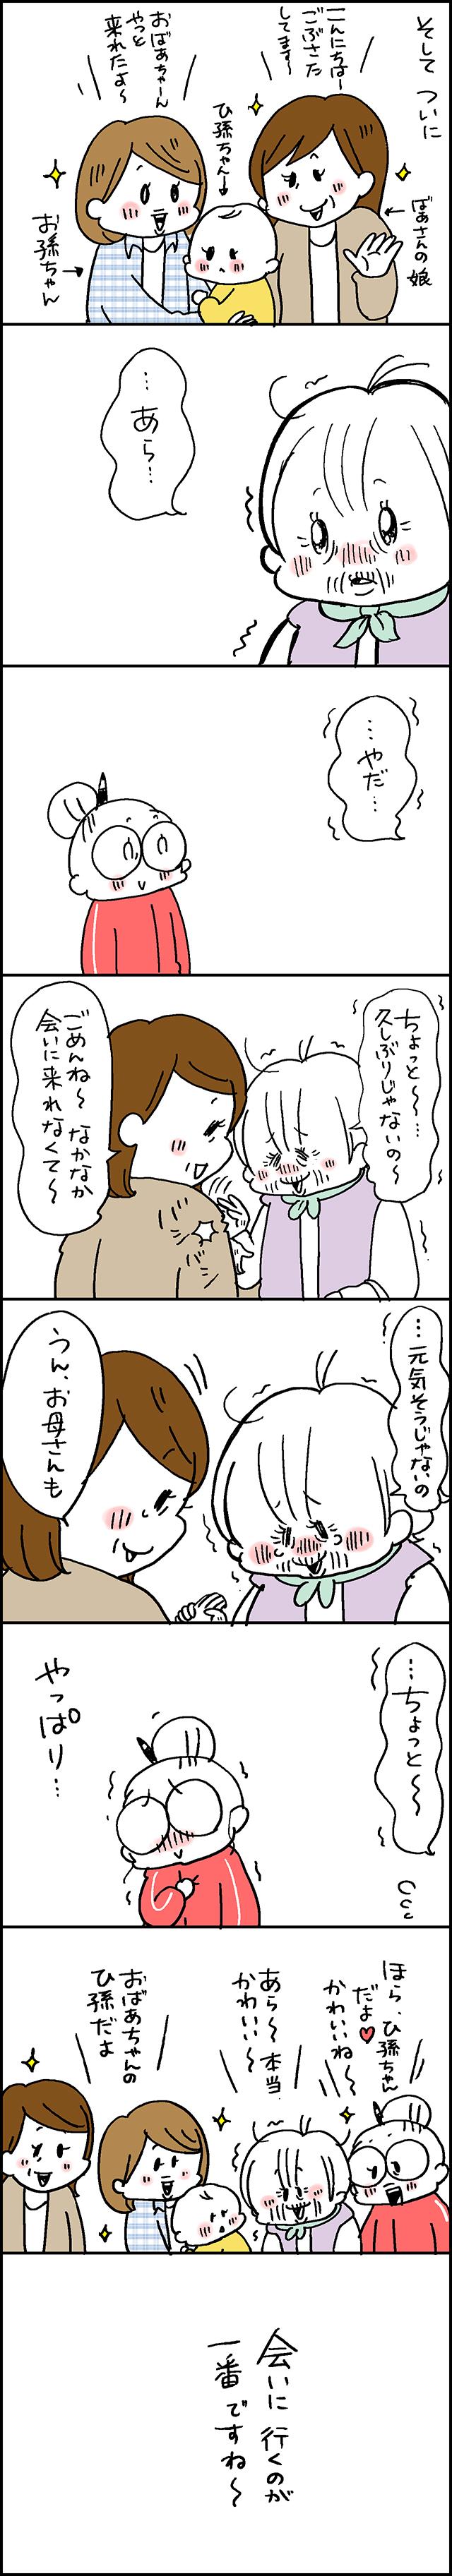 ばあさんひ孫に会う3-2.jpg